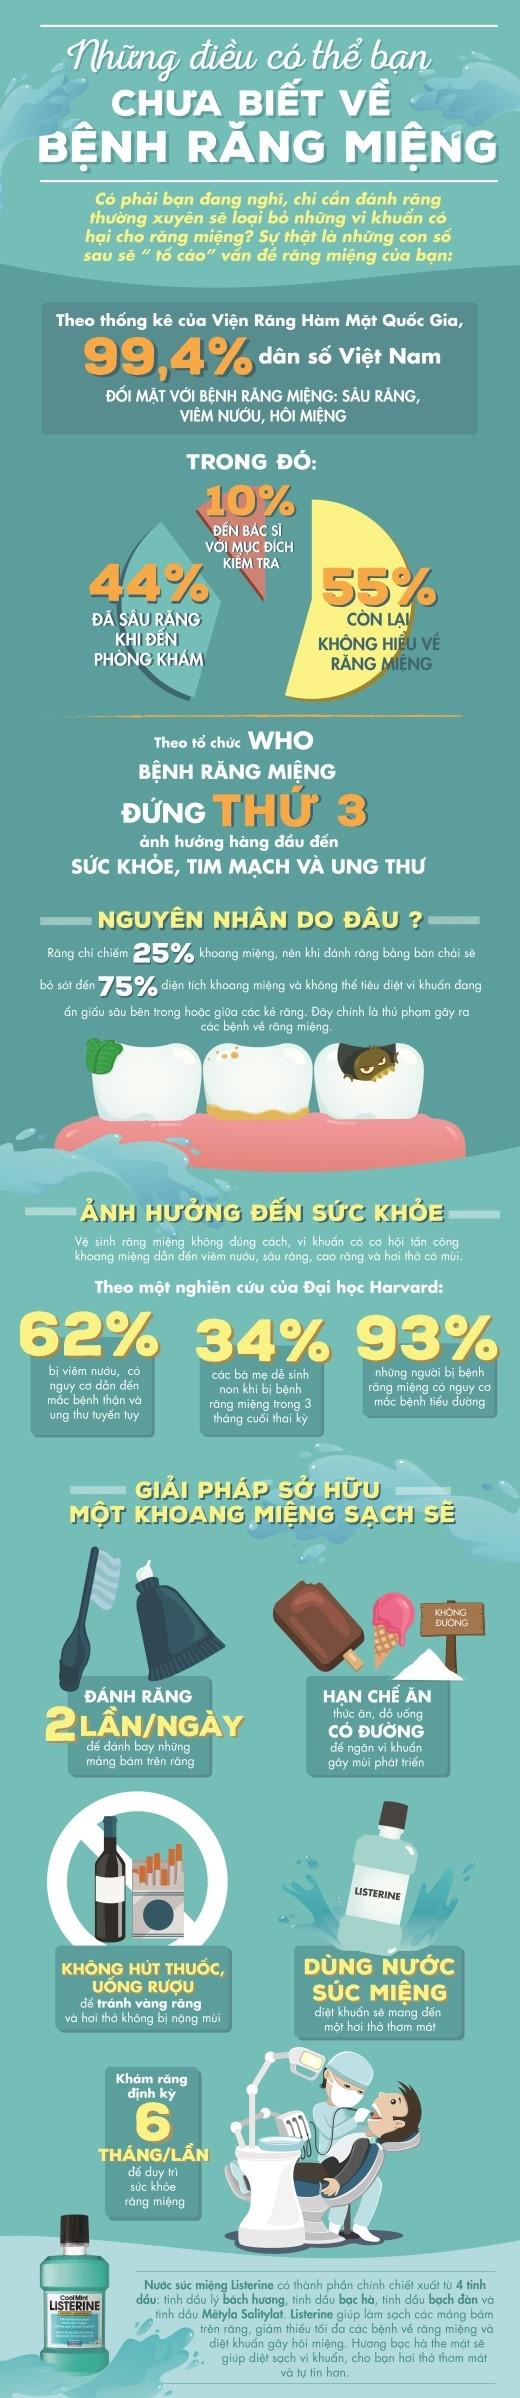 Những điều có thể bạn chưa biết về bệnh răng miệng